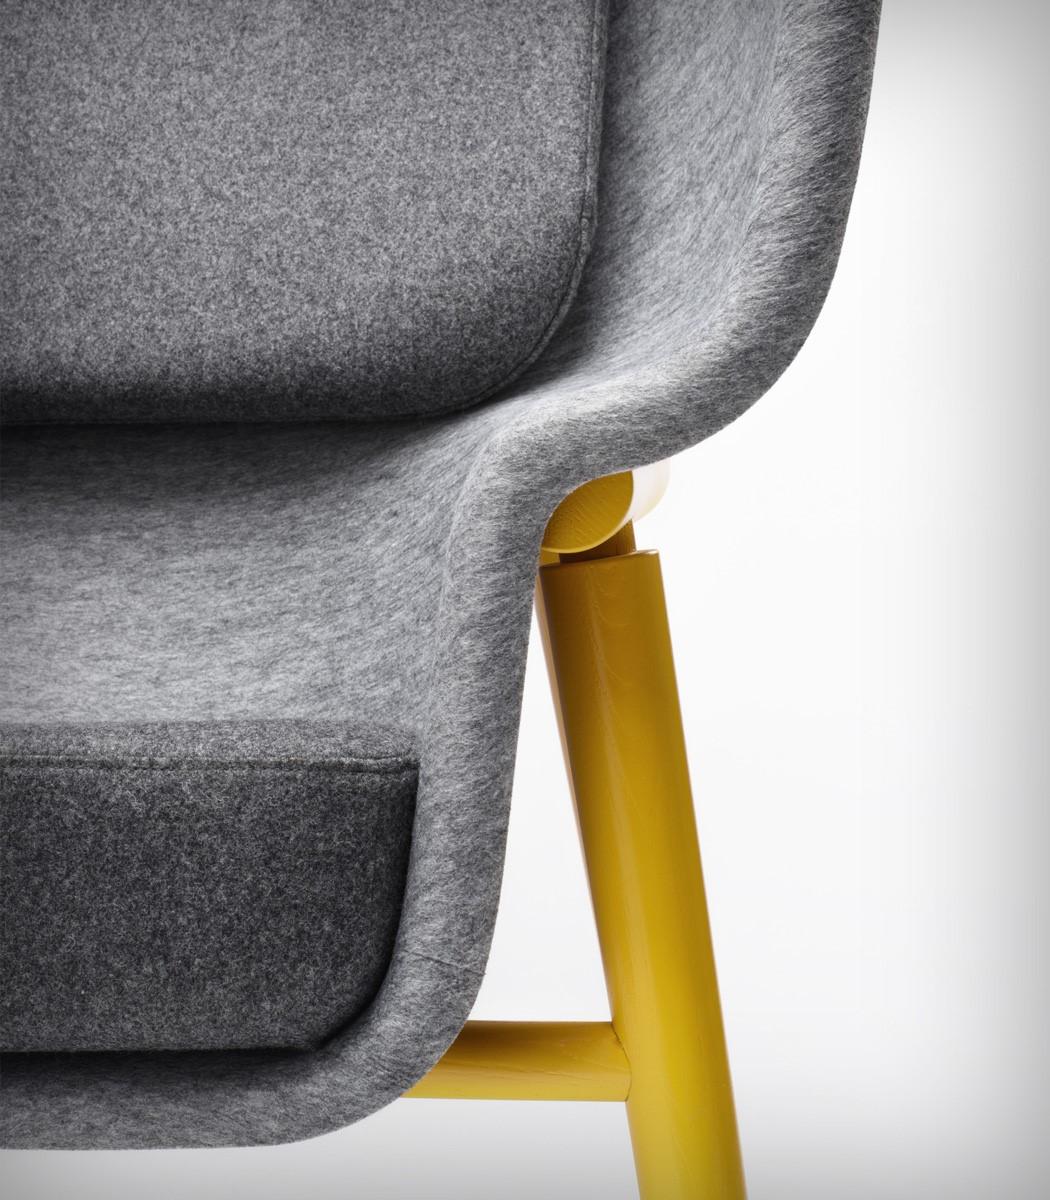 the_chair_pod_chair_12